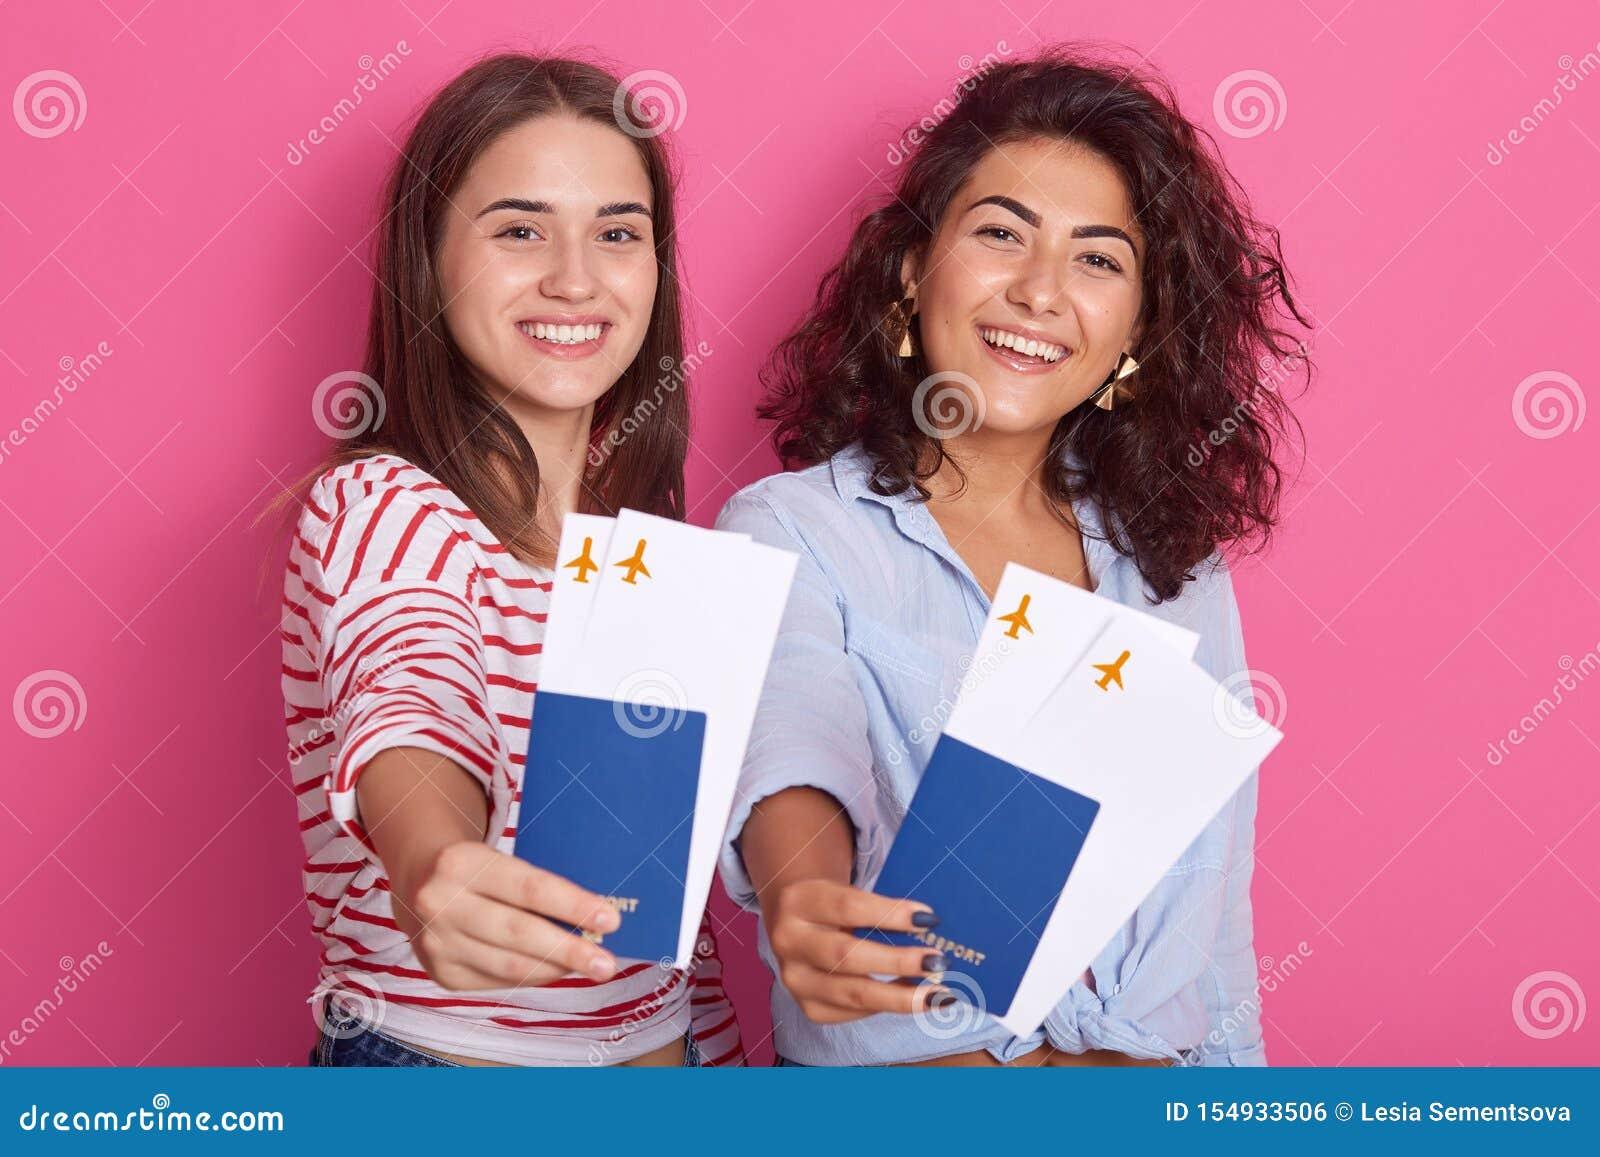 Portret van vrolijke leuke meisjes die in de zomer reizen, gekleed in vrijetijdskleding, die paspoorten met kaartjes tonen aan ca